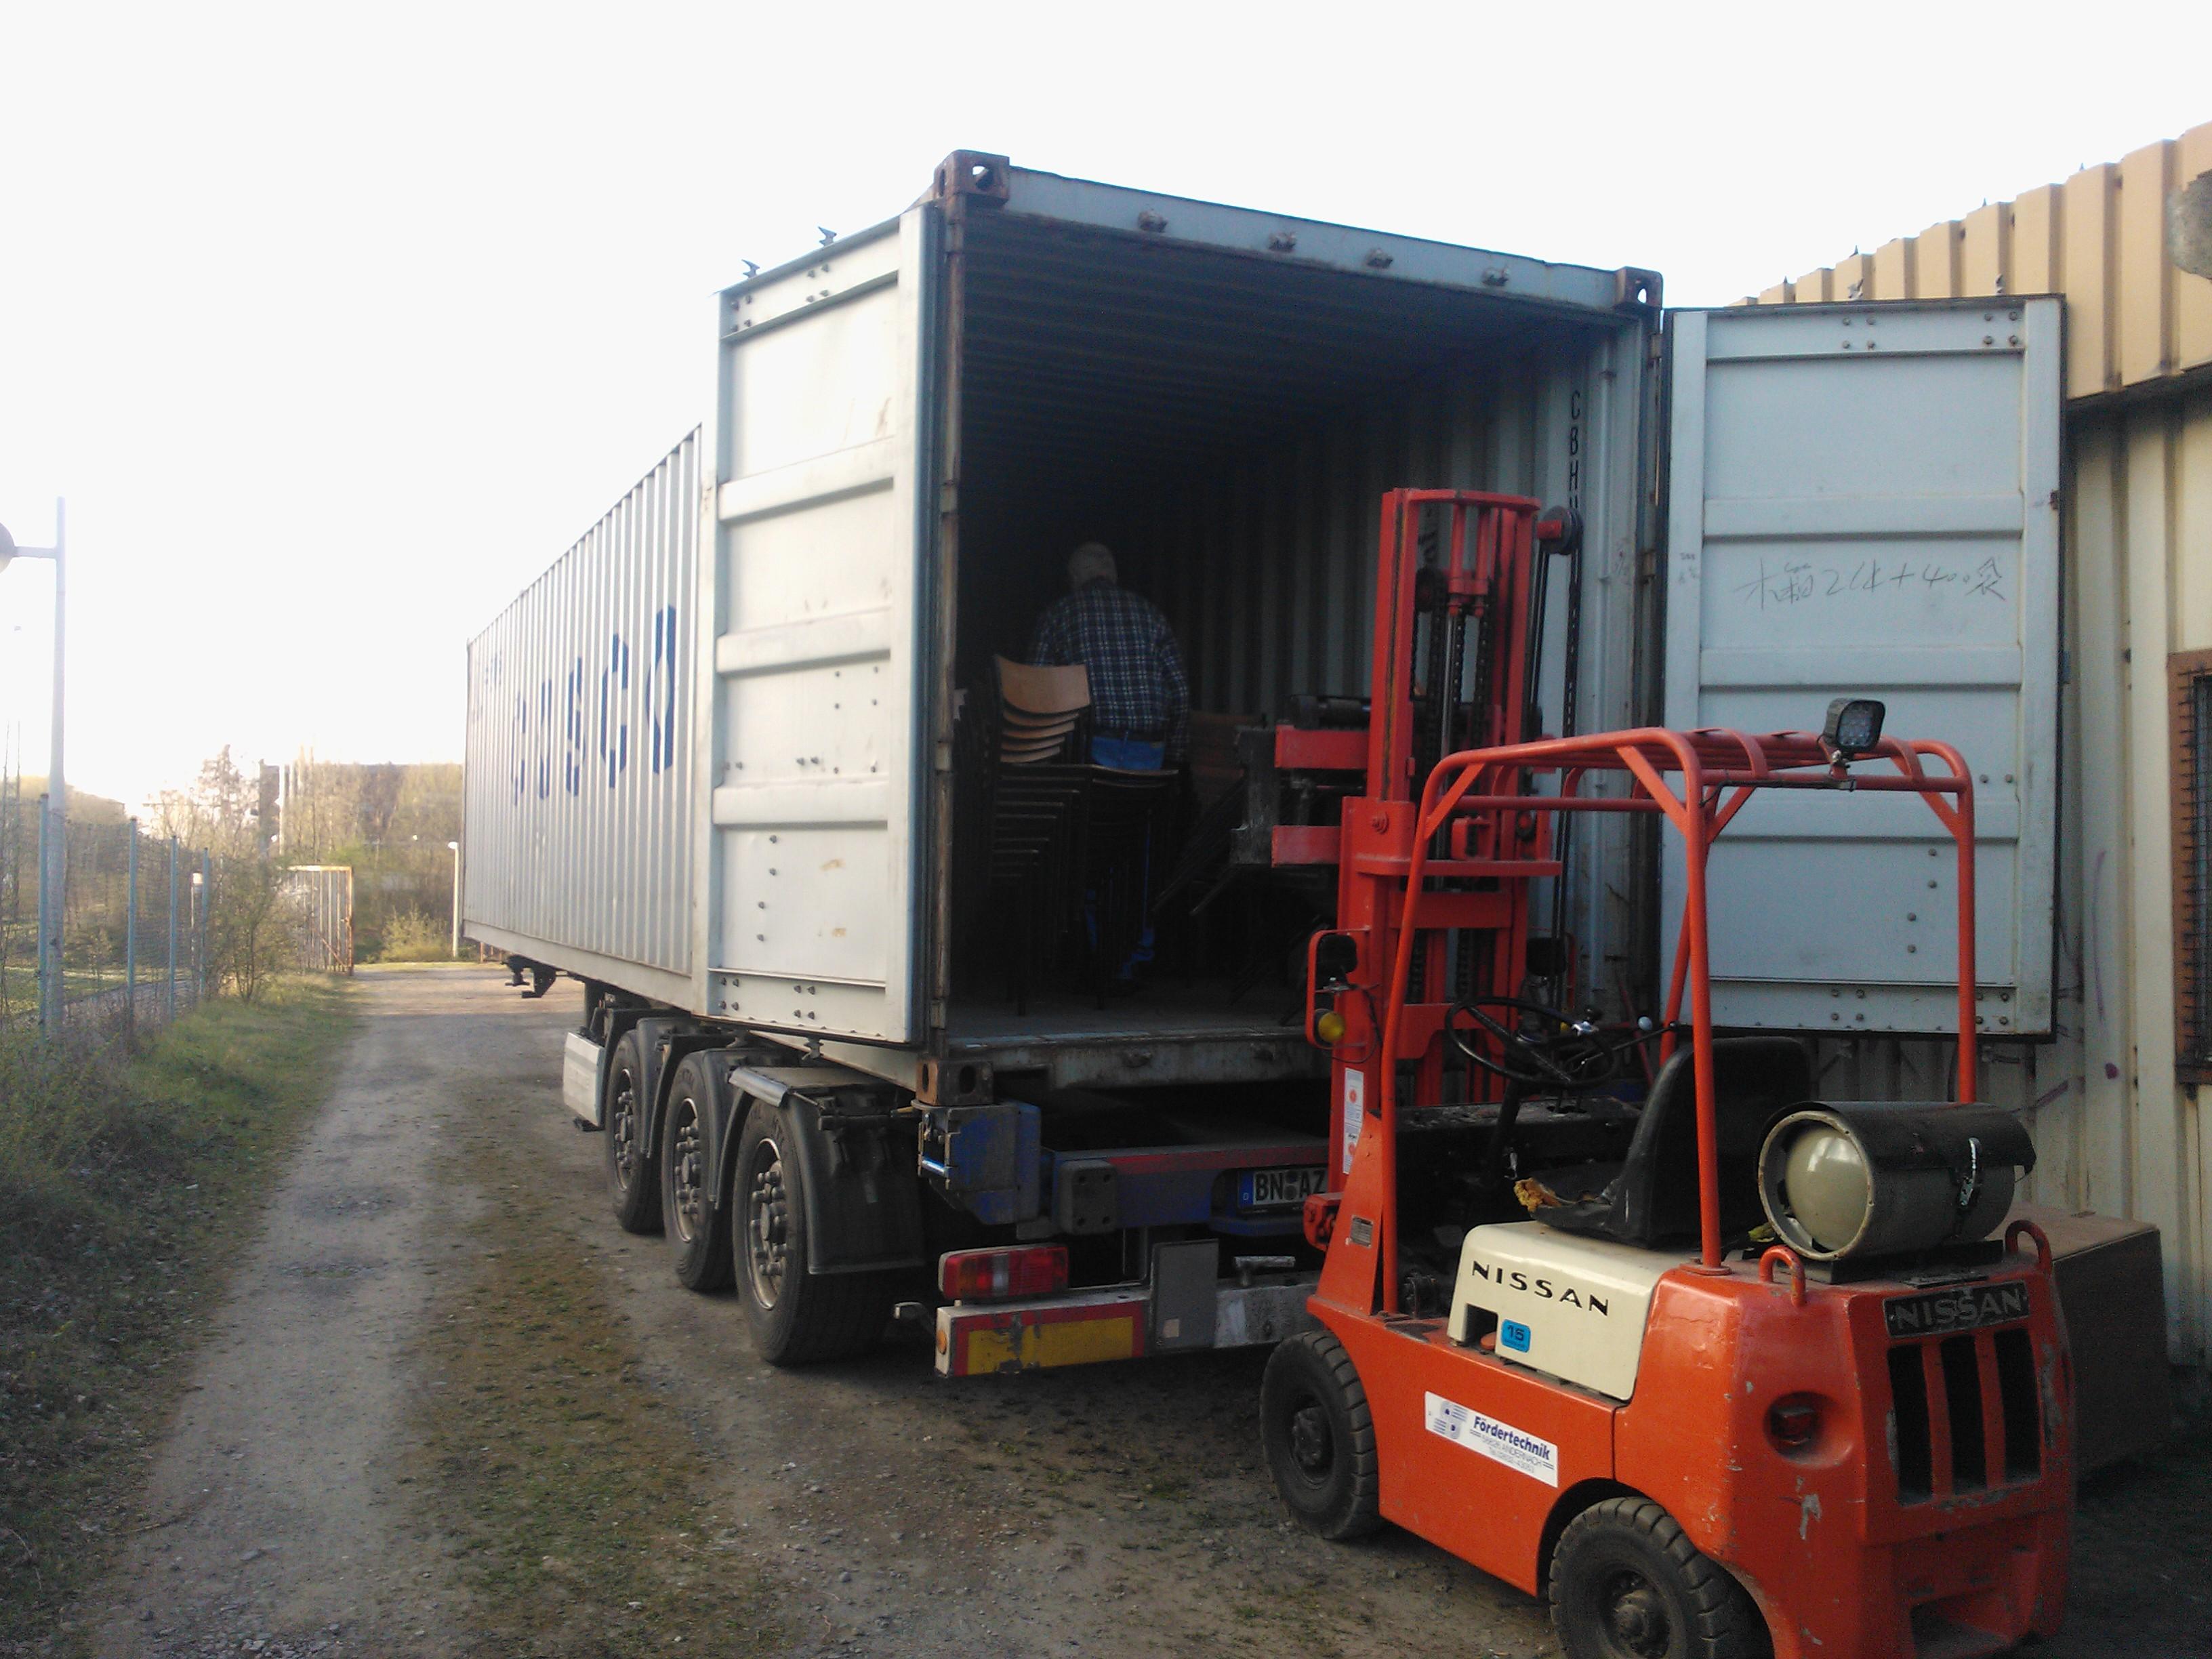 Auszug aus der alten Wagenhalle und Unterbringung unserer Habseligkeiten in 2 Container zur Zwischenlagerung